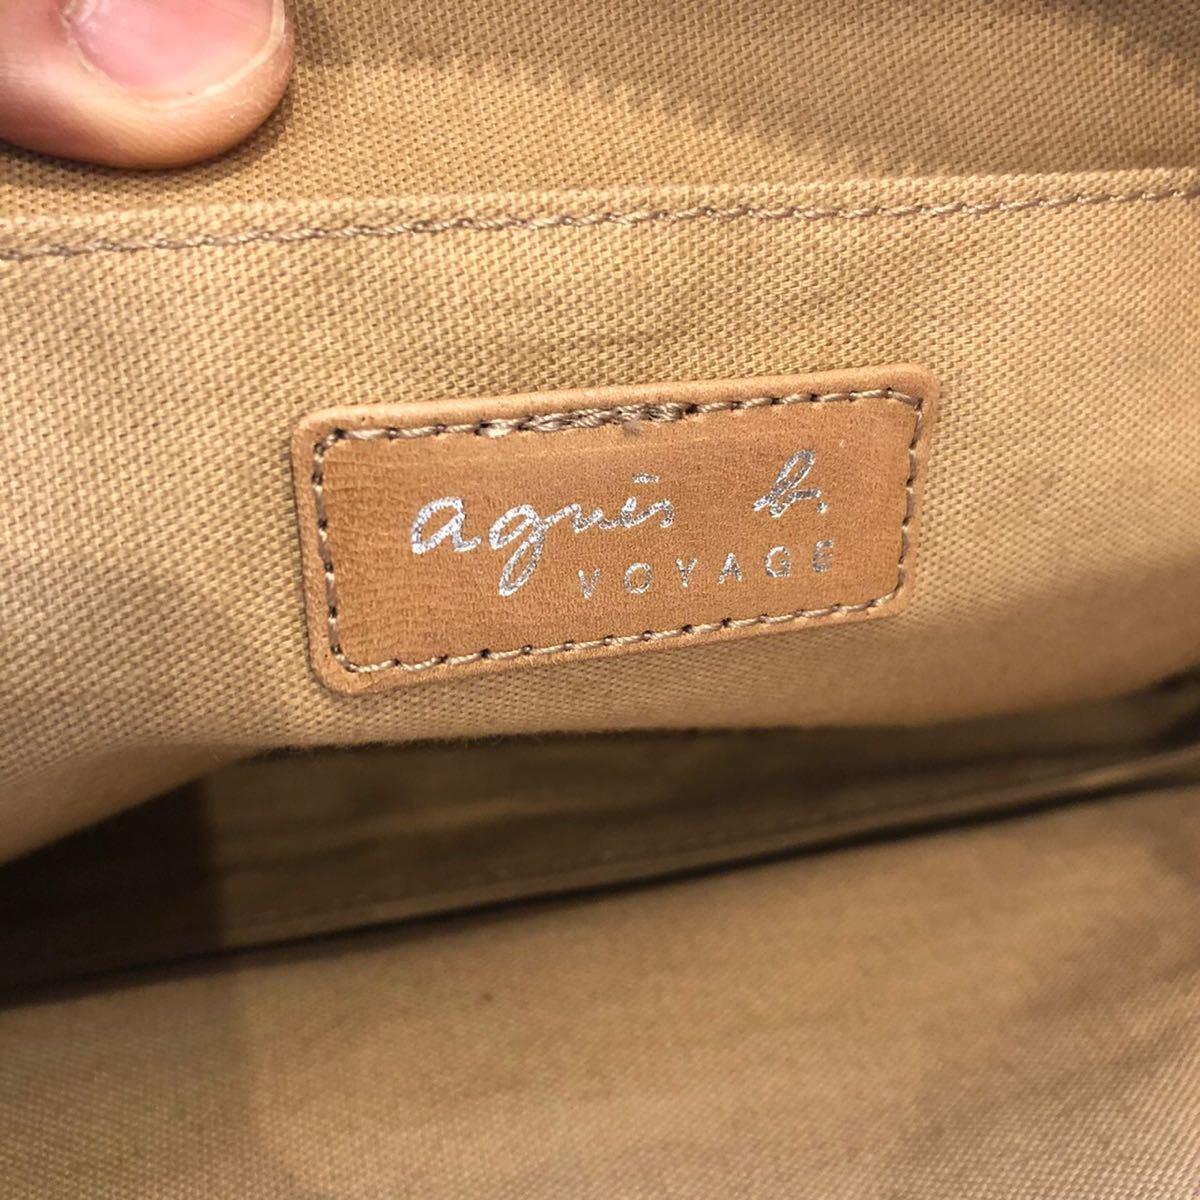 agnes b VOYAGE アニエスベーボヤージュ トートバッグ ハンドバッグ ショルダーバッグ レディース ブランド アイテム